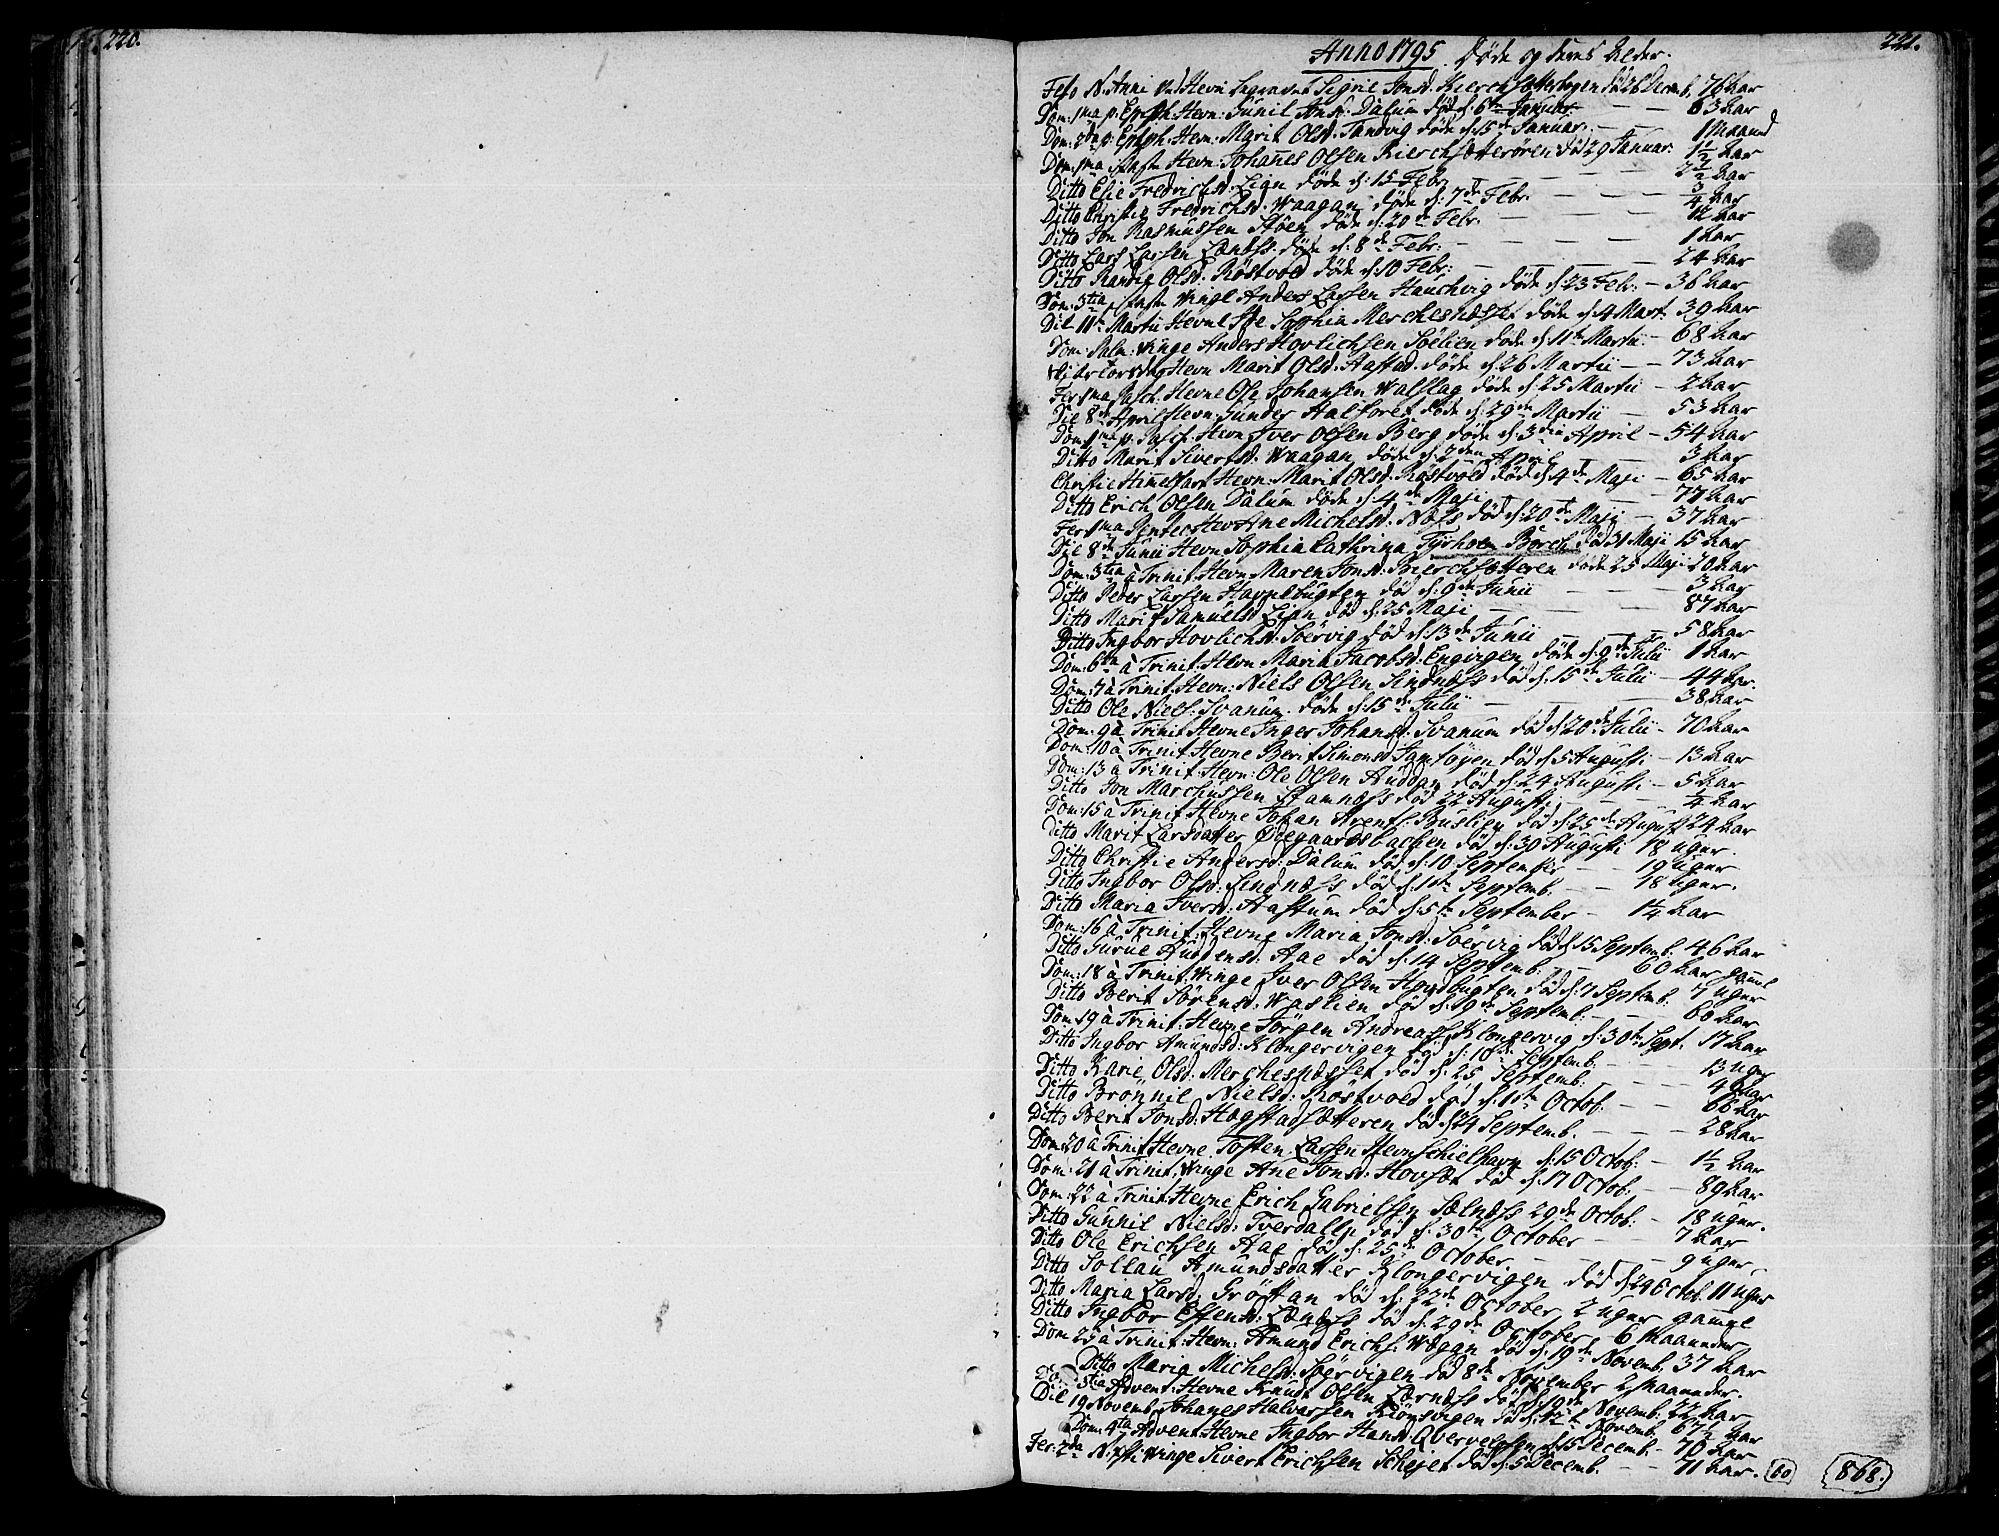 SAT, Ministerialprotokoller, klokkerbøker og fødselsregistre - Sør-Trøndelag, 630/L0490: Ministerialbok nr. 630A03, 1795-1818, s. 220-221